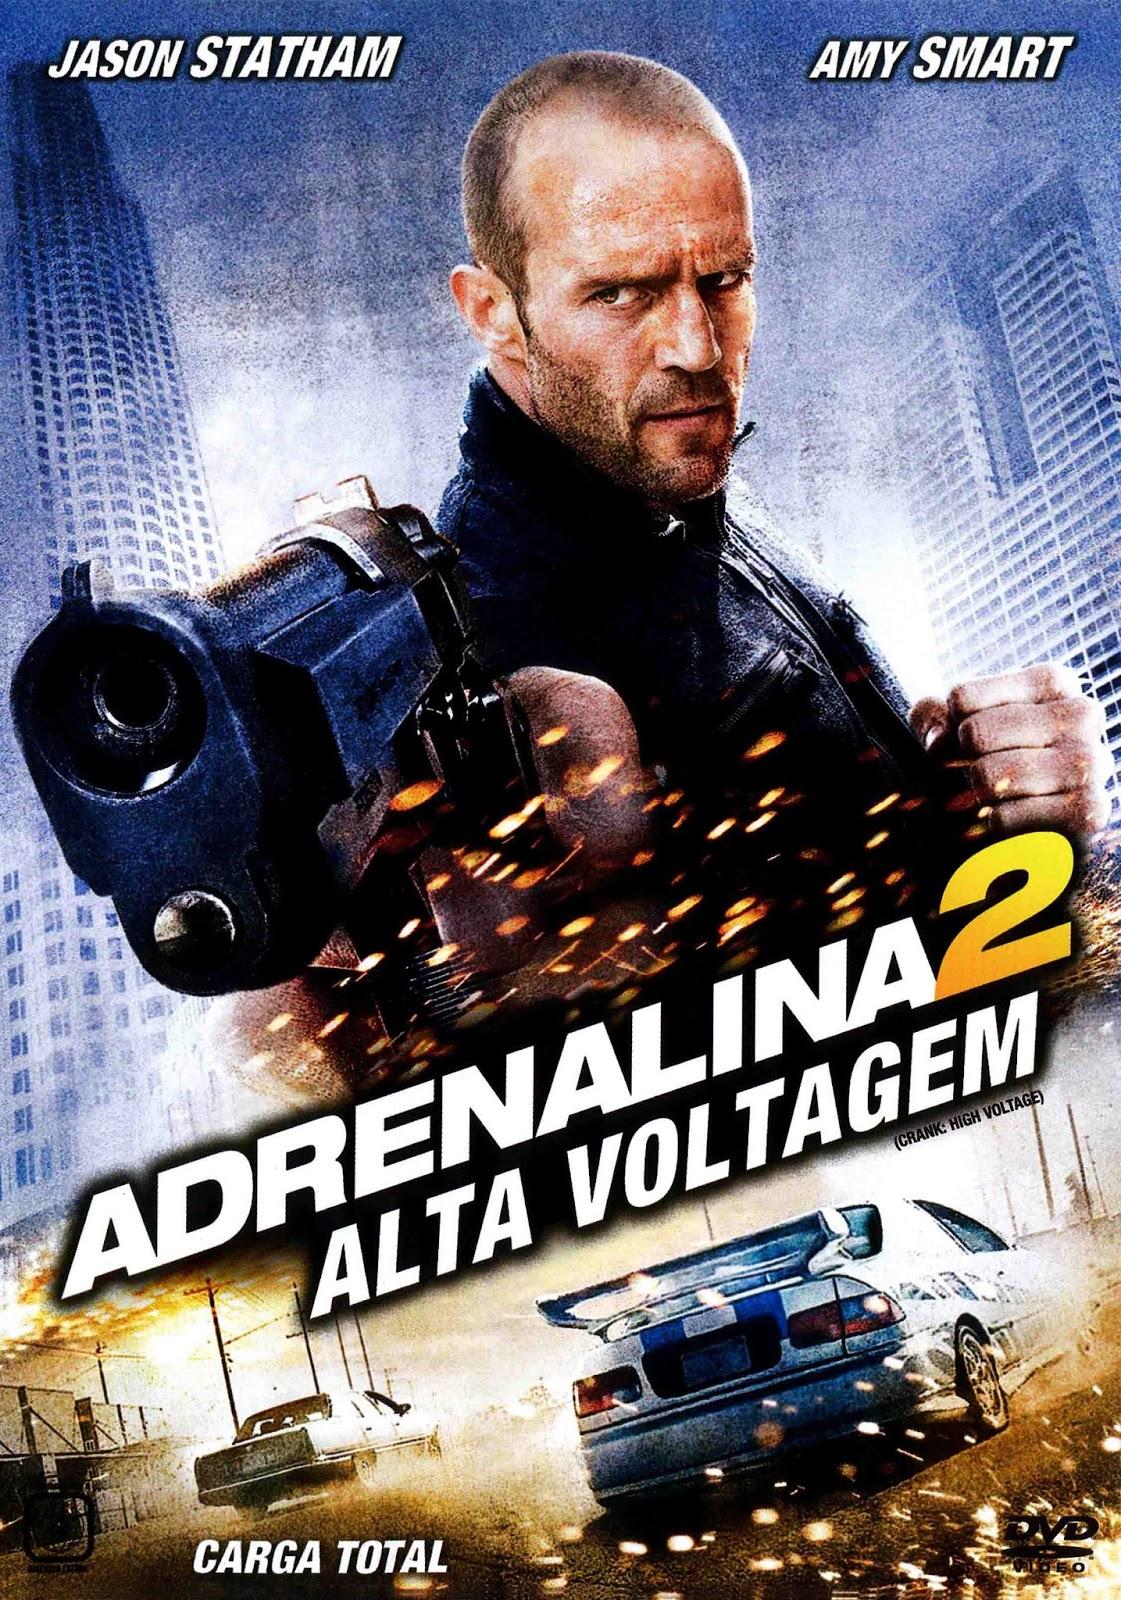 Adrenalina 2: Alta Vontagem Torrent - Blu-ray Rip 720p e 1080p Dual Áudio (2009)